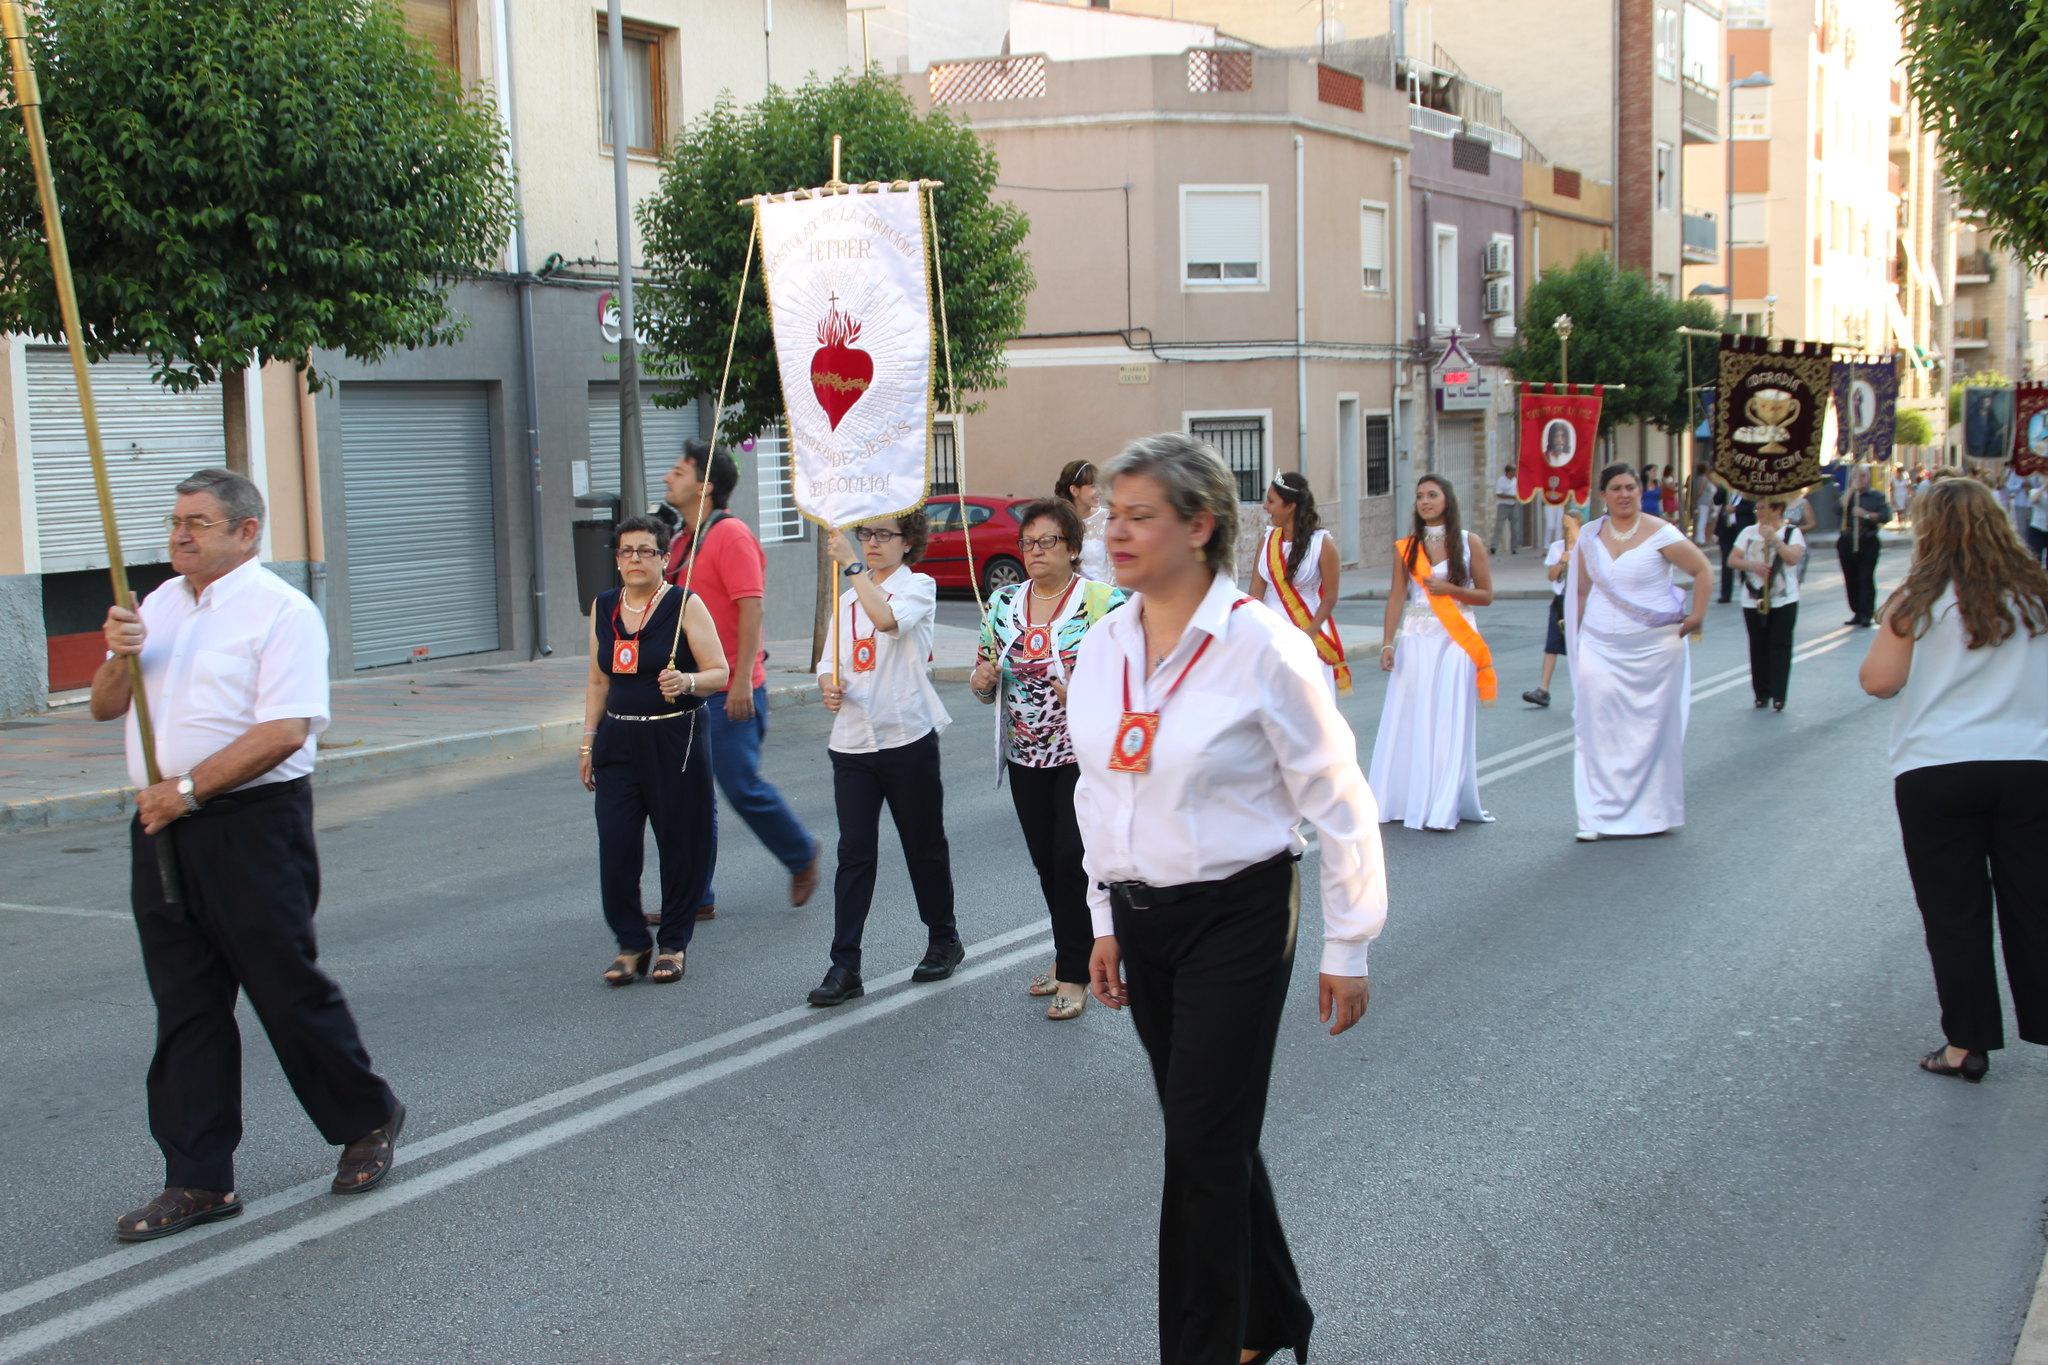 (2015-07-12) - Virgen del Carmen, parroquia La Santa Cruz - Javier Romero Ripoll (01)